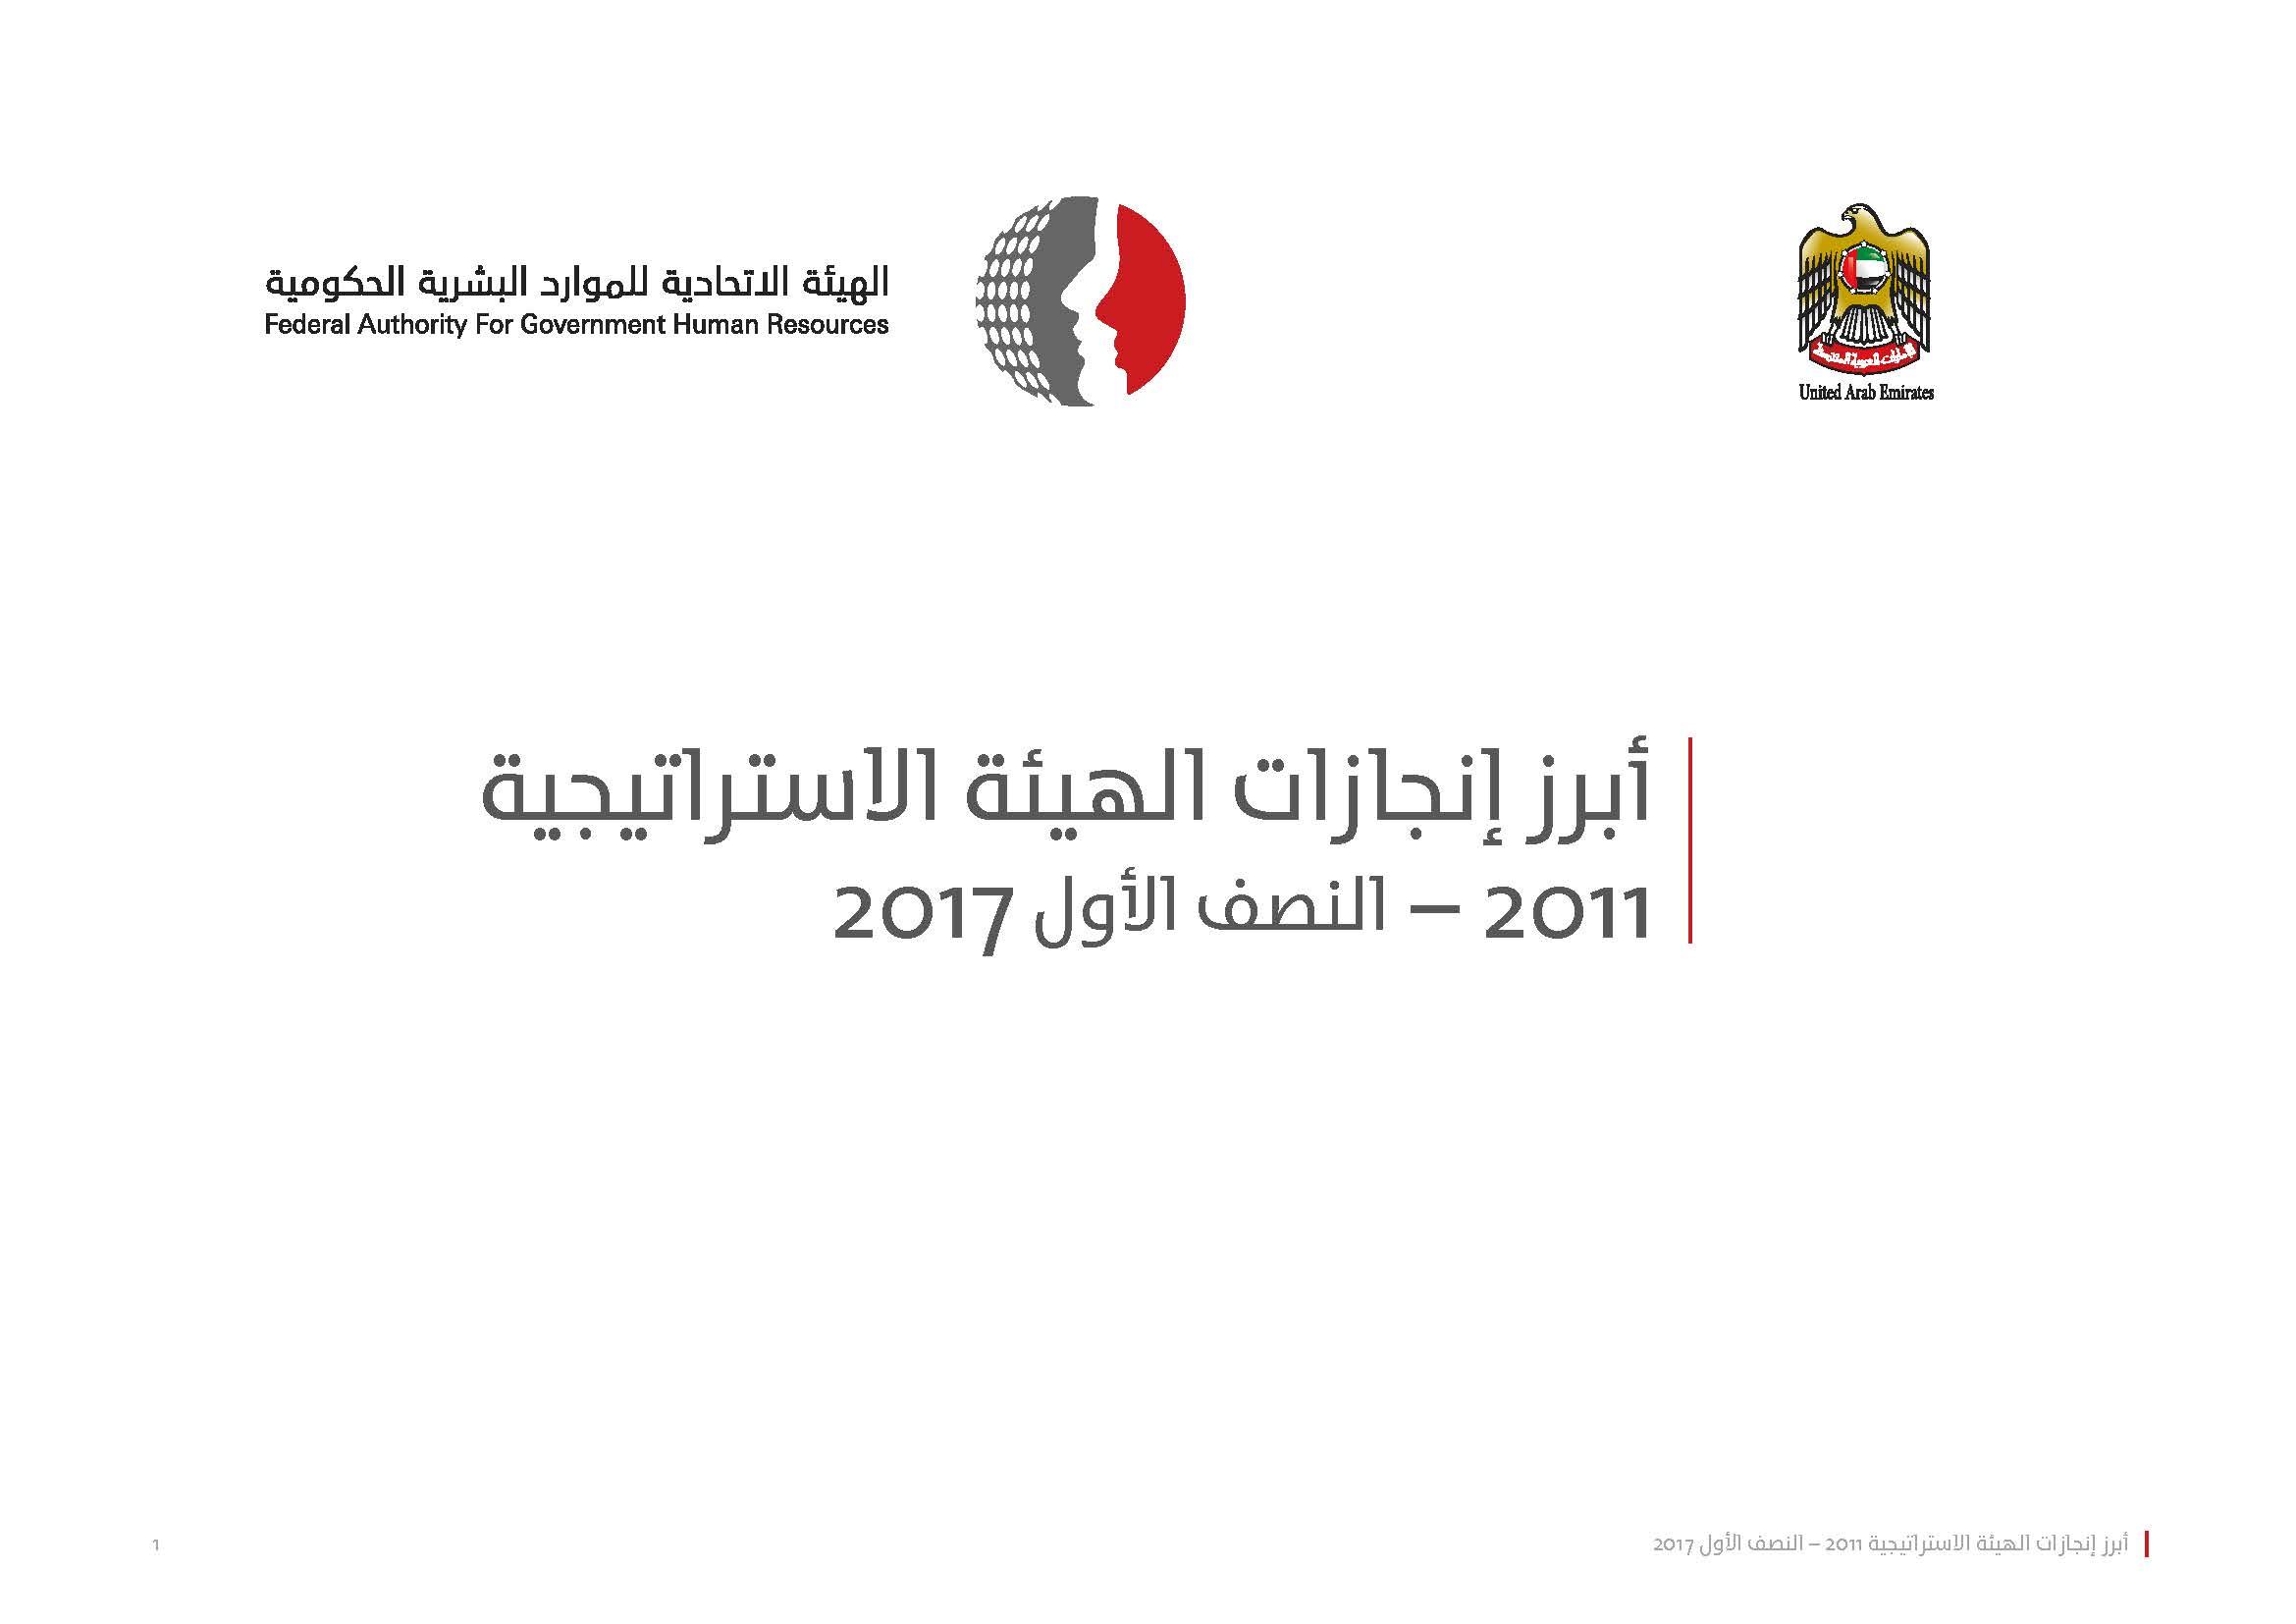 أبرز إنجازات الهيئة الاستراتيجية2011 – النصف الأول 2017